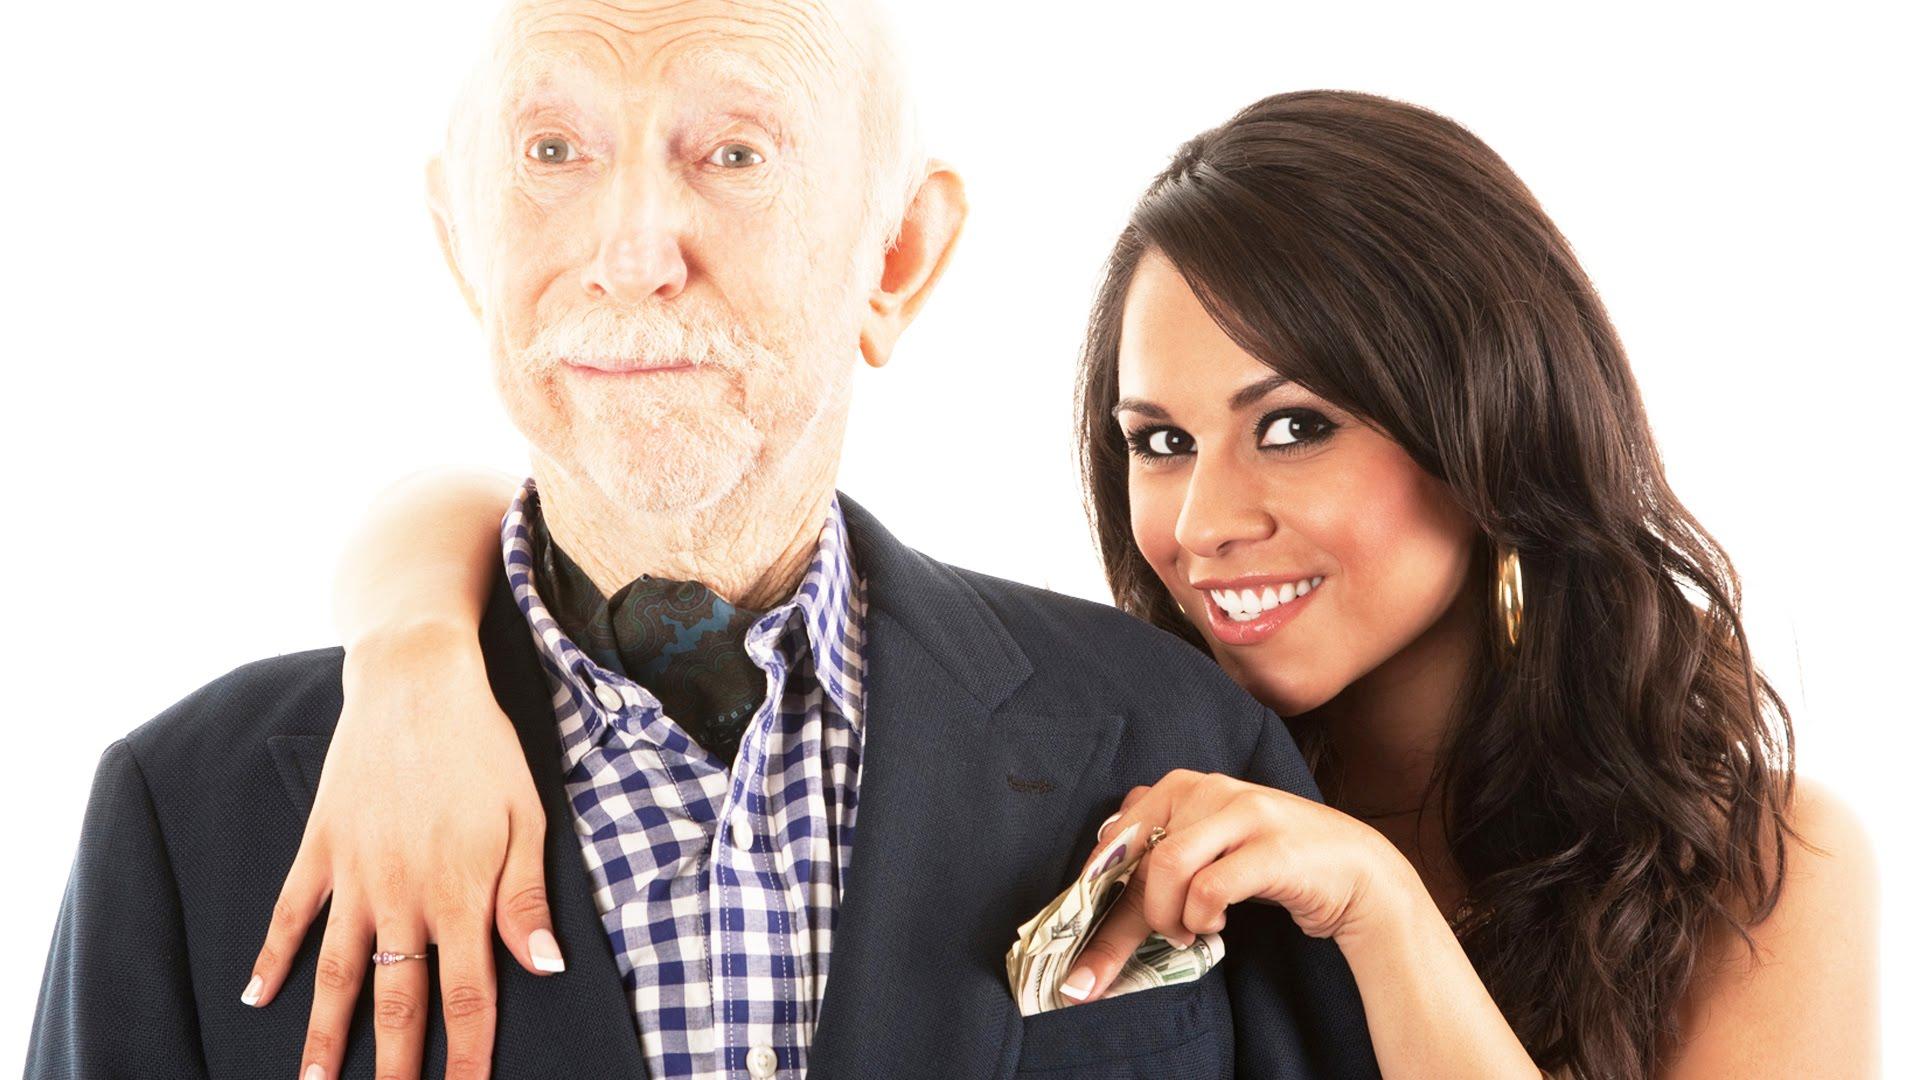 секс пожилые мужчины и молодые девушки фото